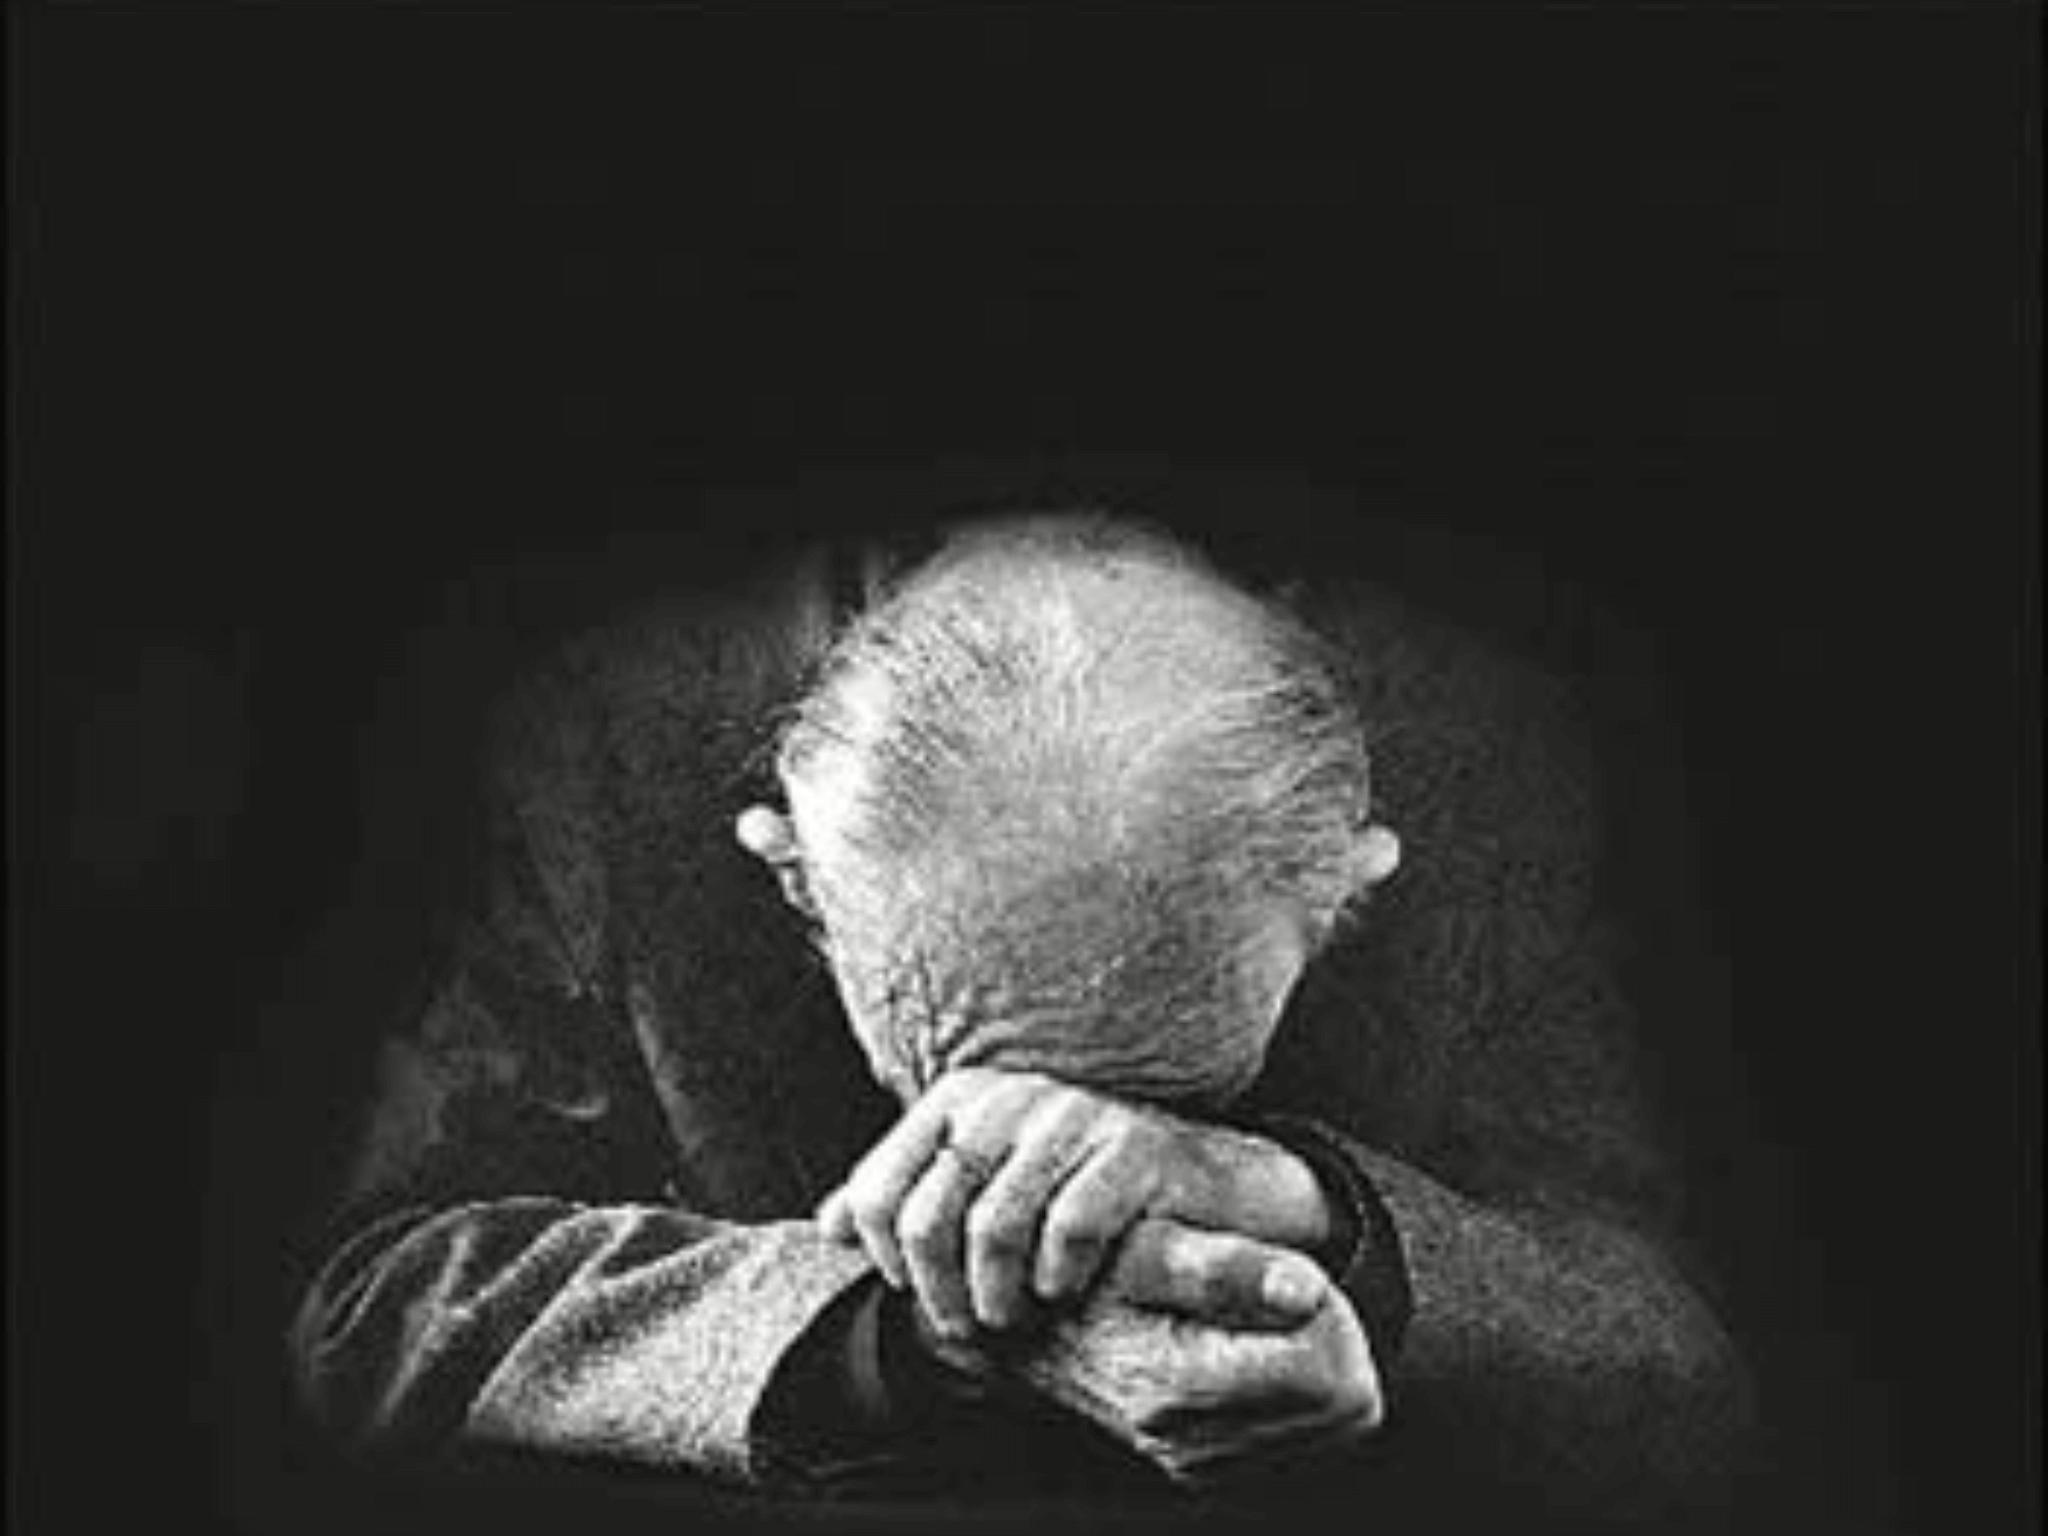 Cuadros demenciales no son propios de edad avanzada